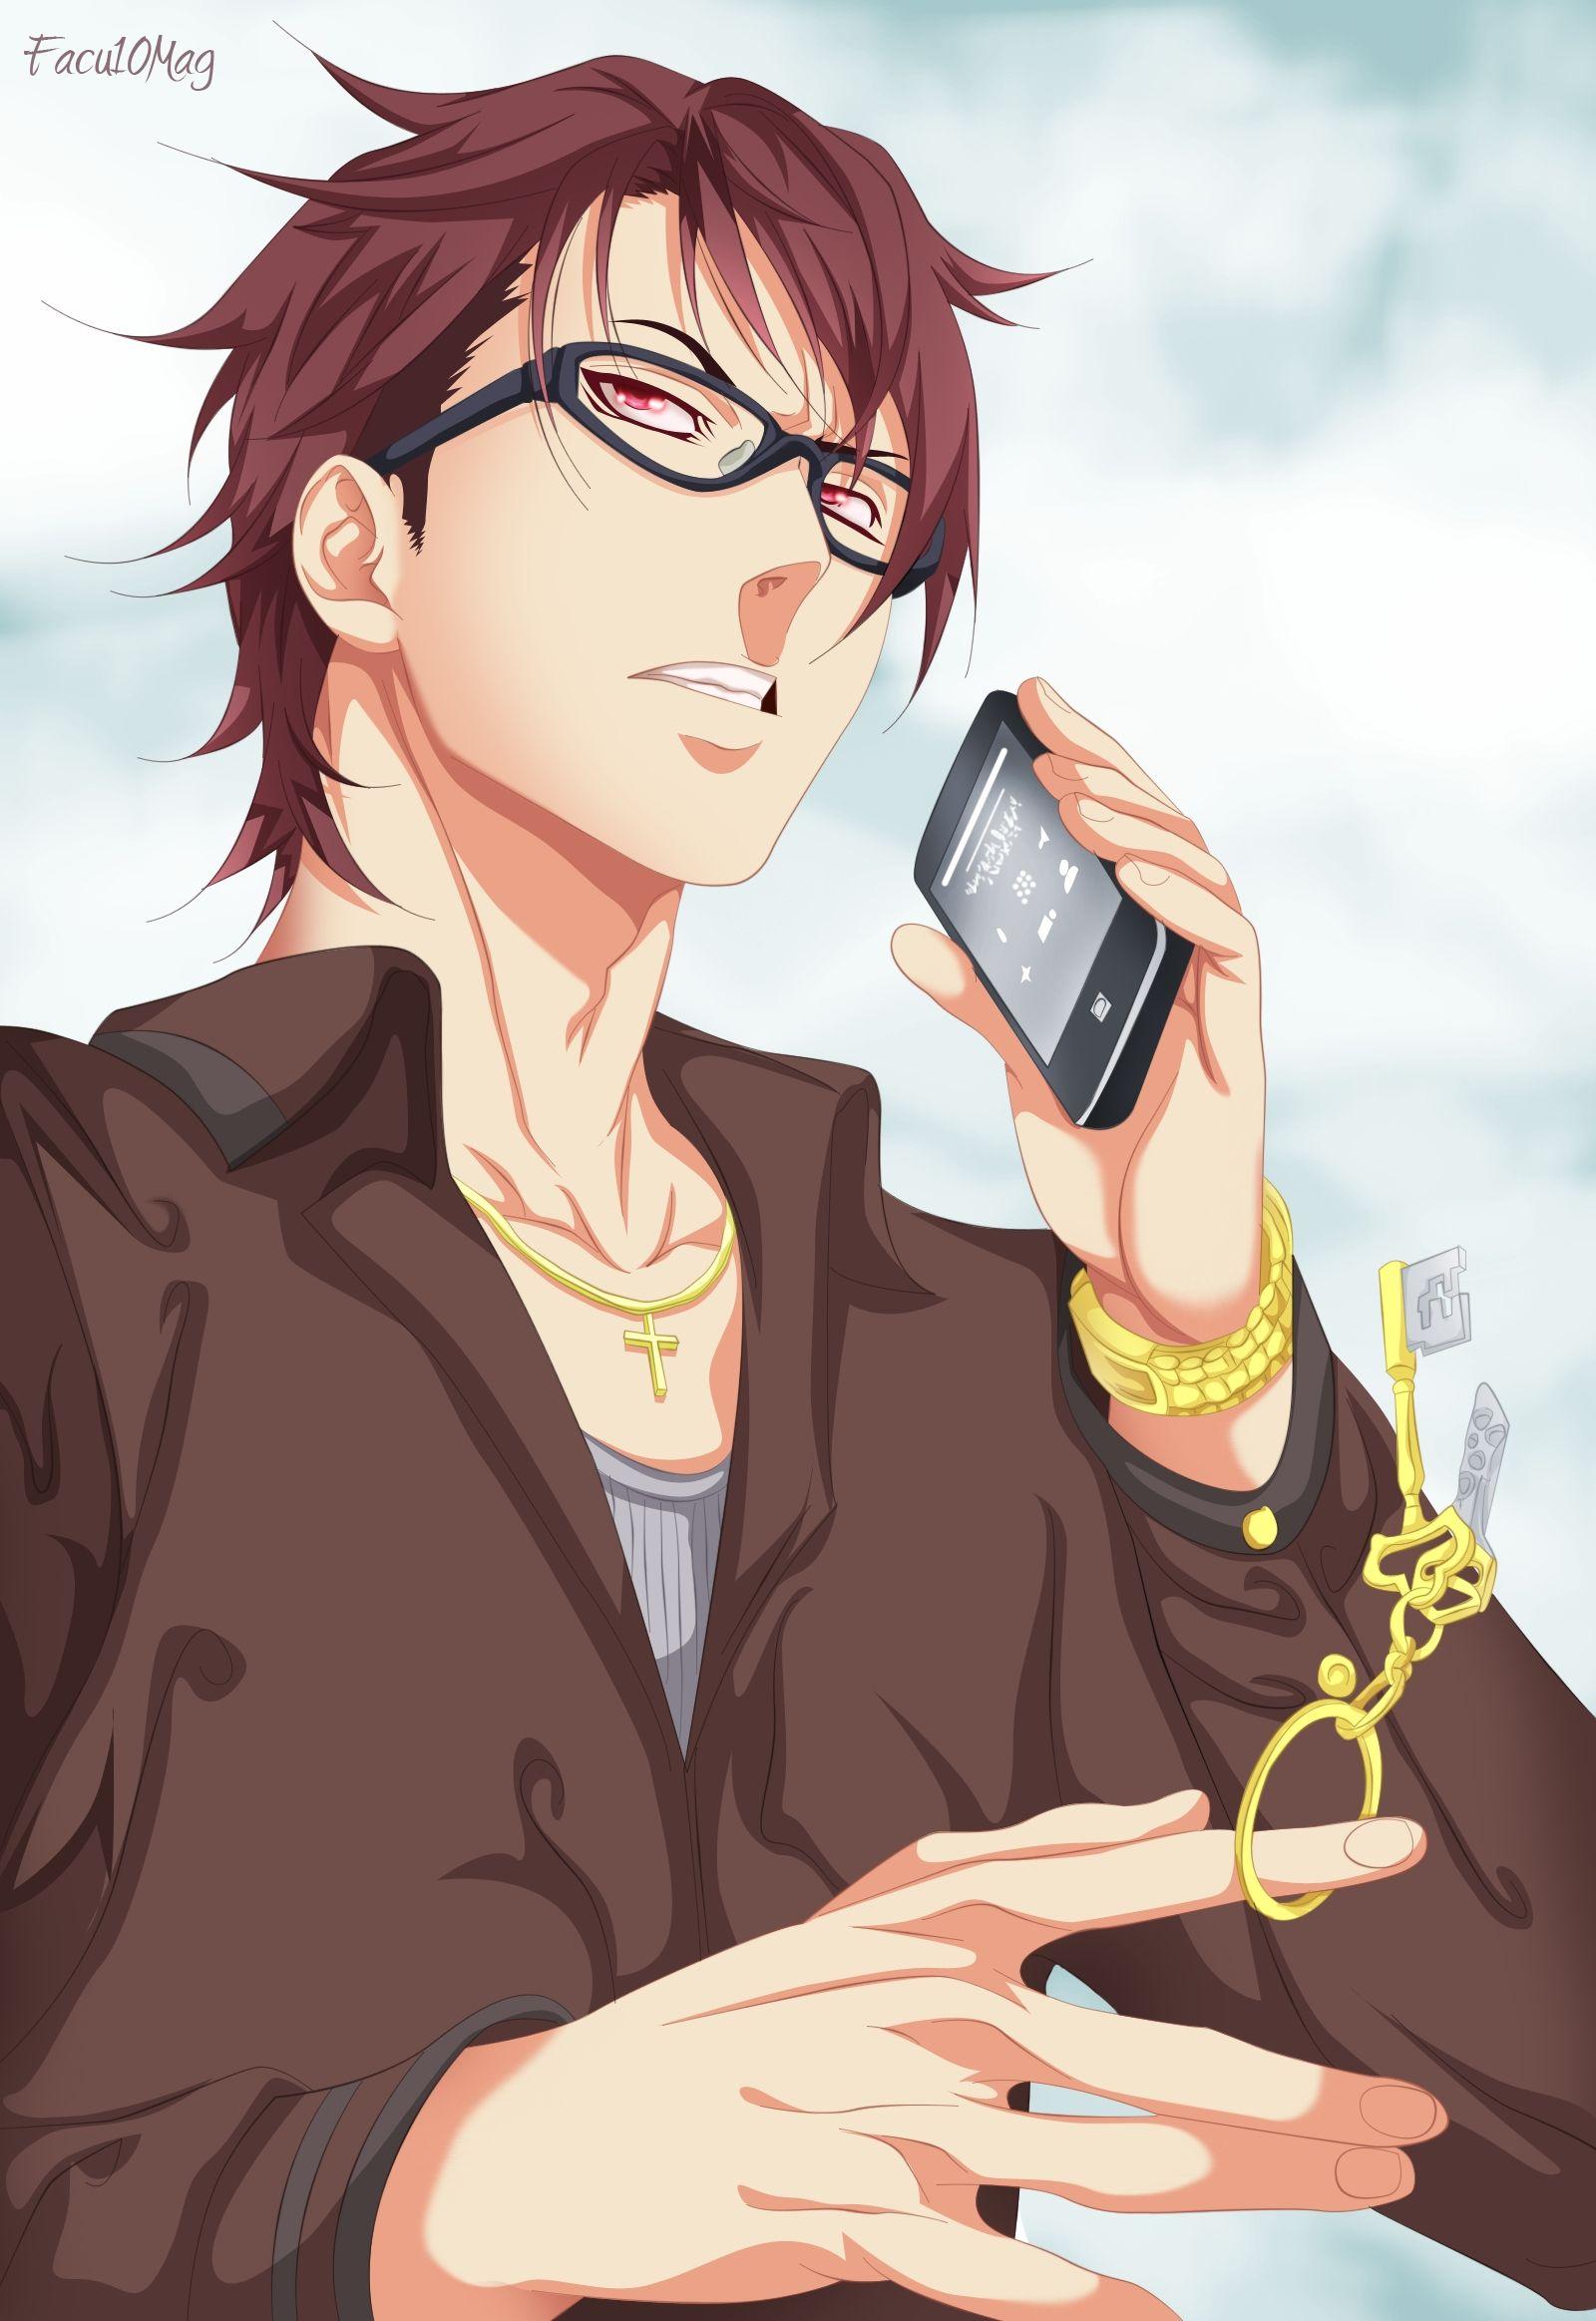 Facu10mag, Shokugeki no Souma, Shinomiya Koujirou, Phone